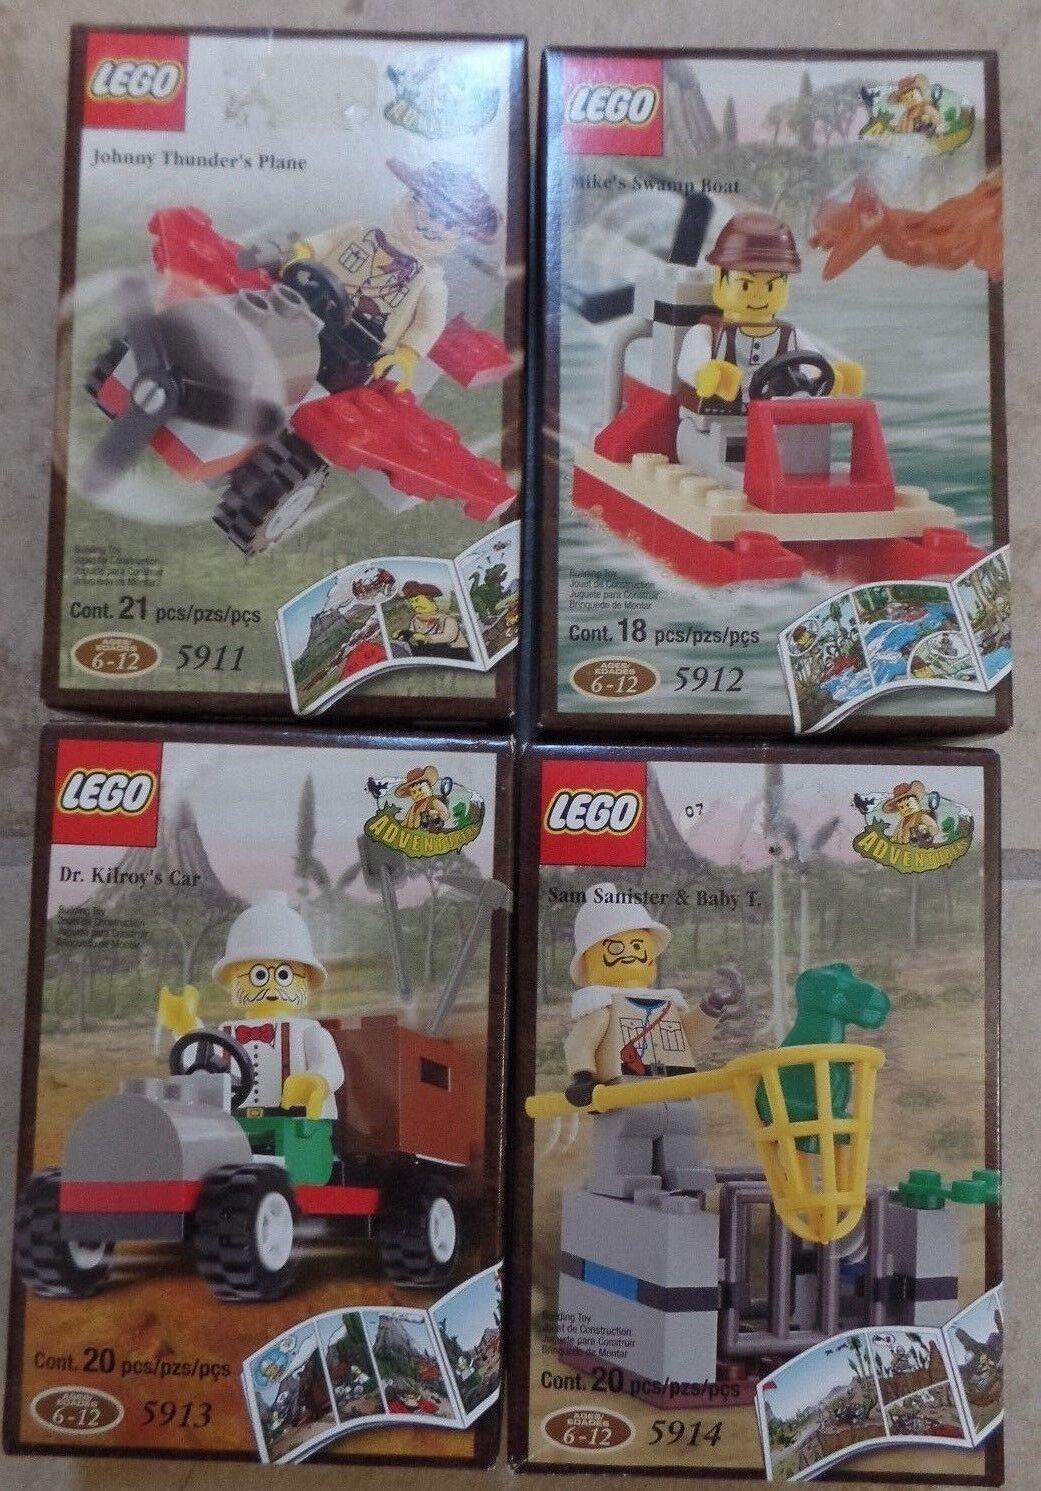 Lego 5911  5912 5913 5914 Adventurer Sets Boat auto Dinosaur Plane MINT nuovo 2000  Spedizione gratuita per tutti gli ordini